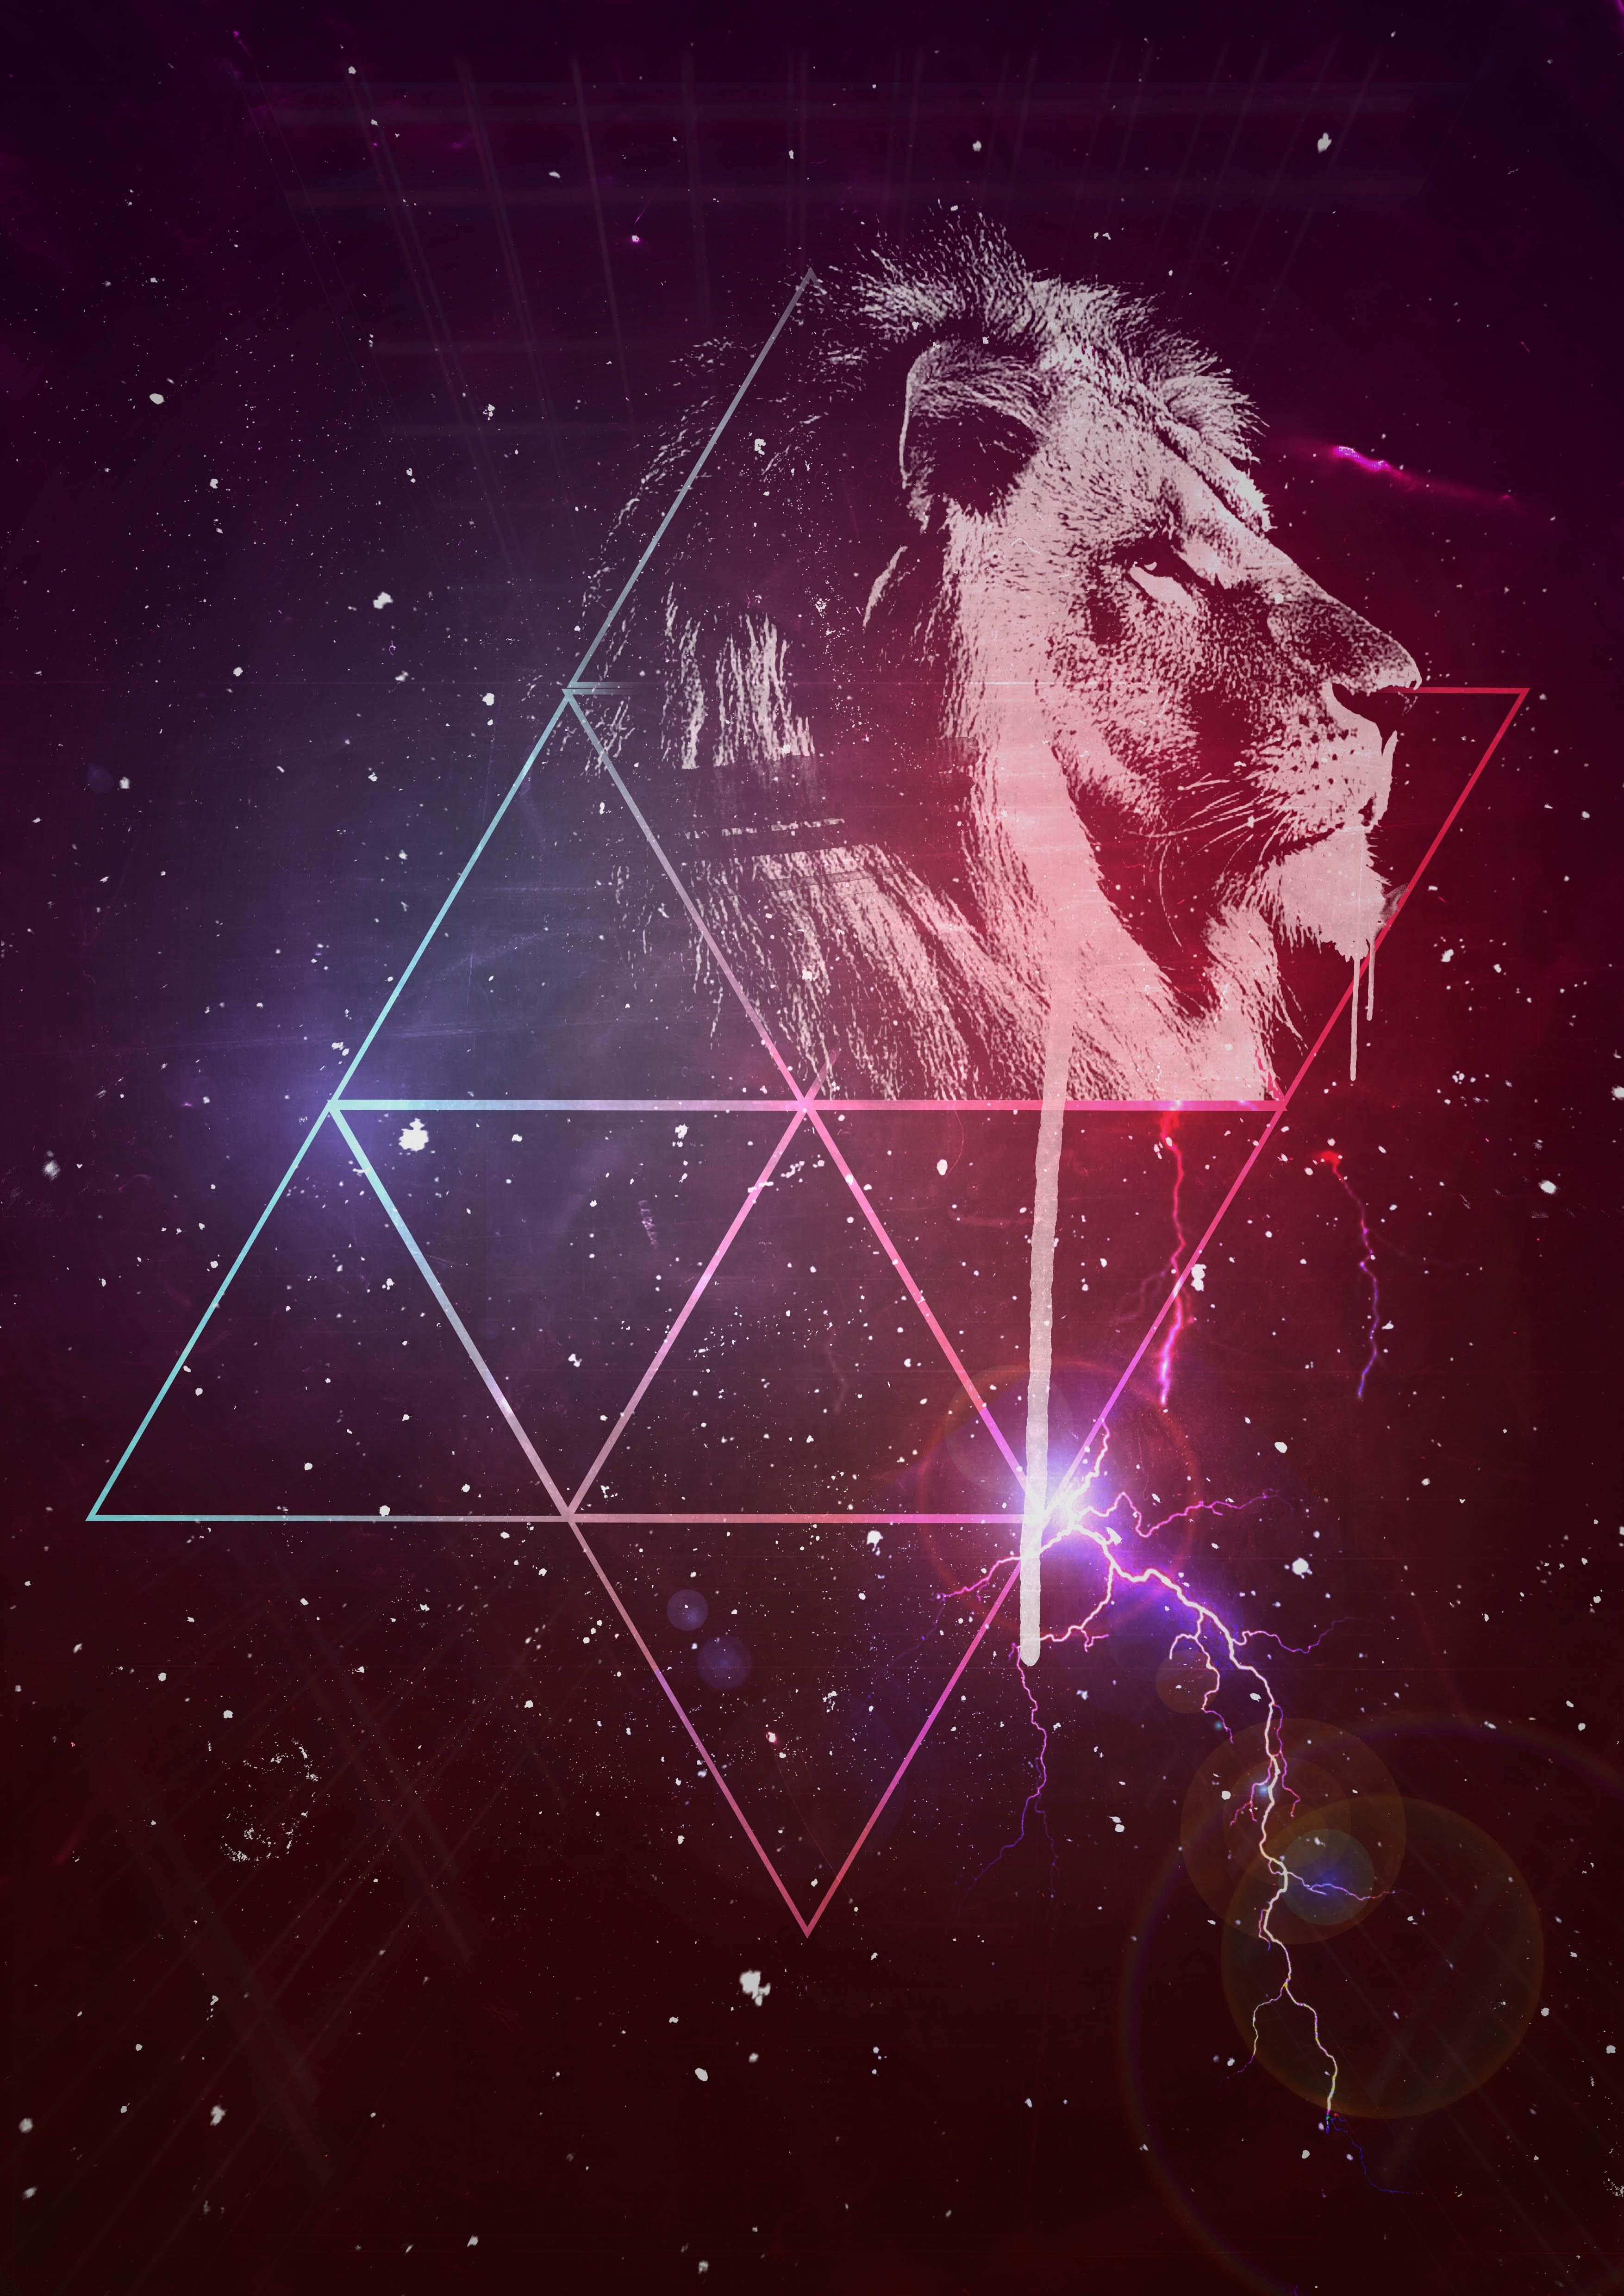 101795 Hintergrundbild herunterladen Kunst, Sternenhimmel, Ein Löwe, Löwe, Dreiecke - Bildschirmschoner und Bilder kostenlos